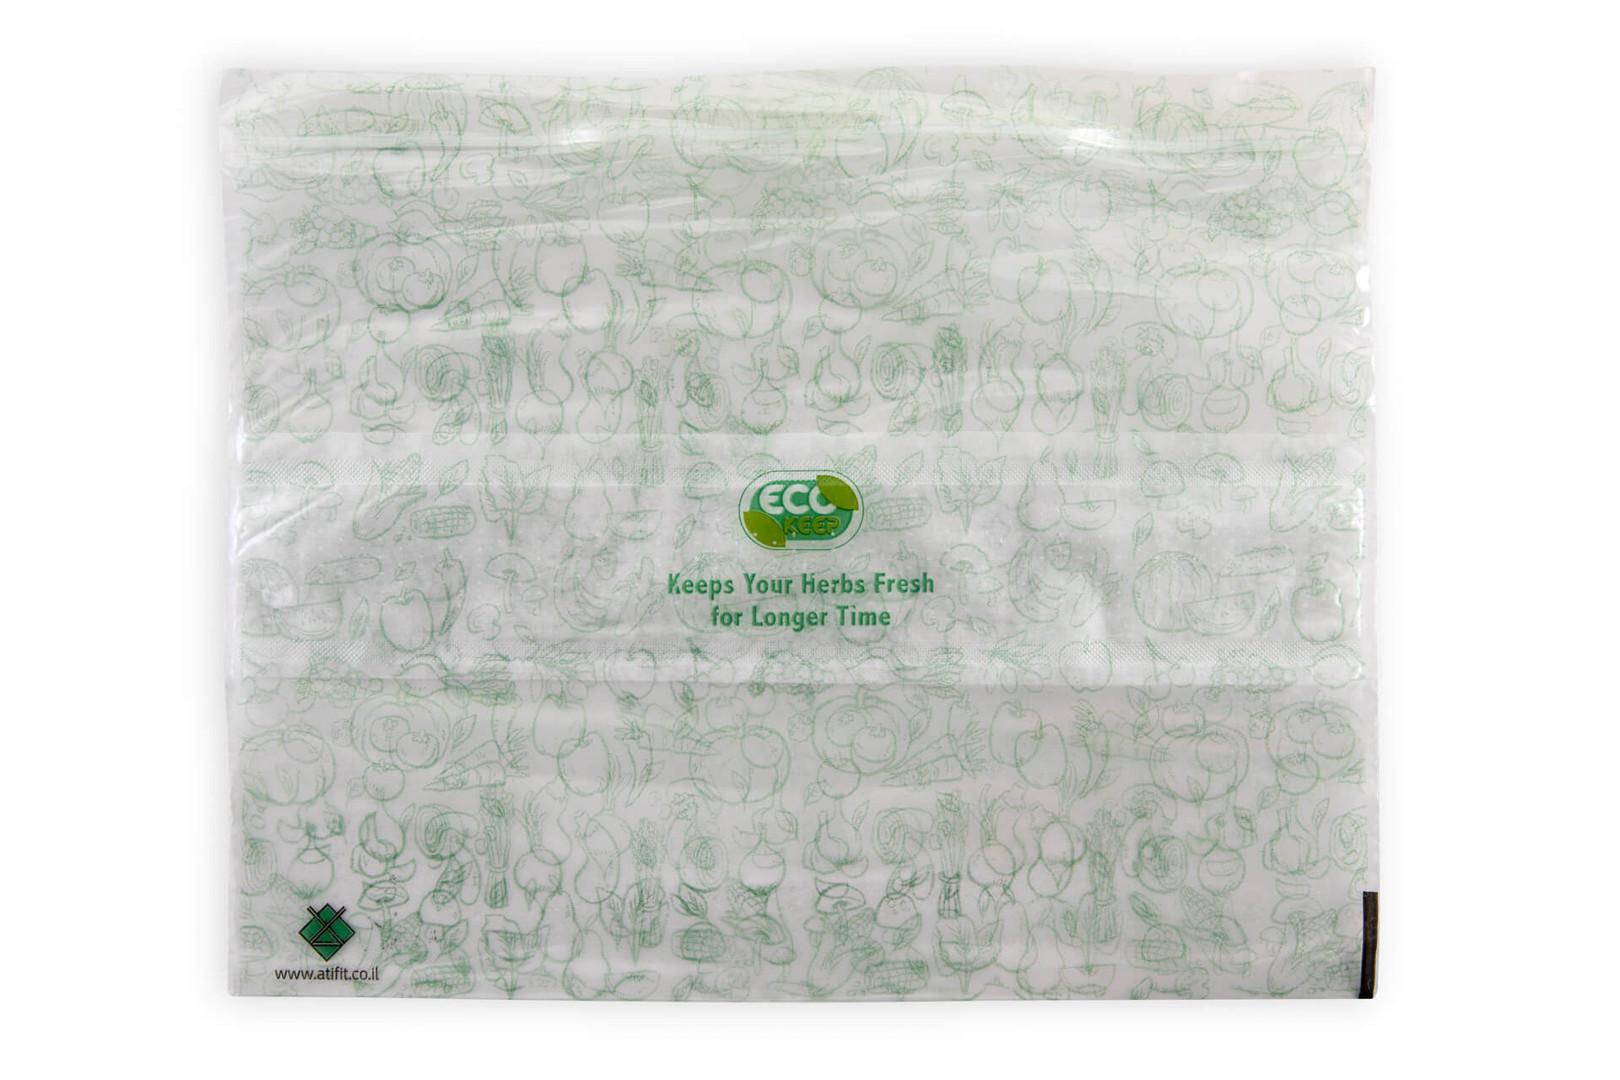 אקו קיפ - שקיות לשמירה על עשבי תבלין במק